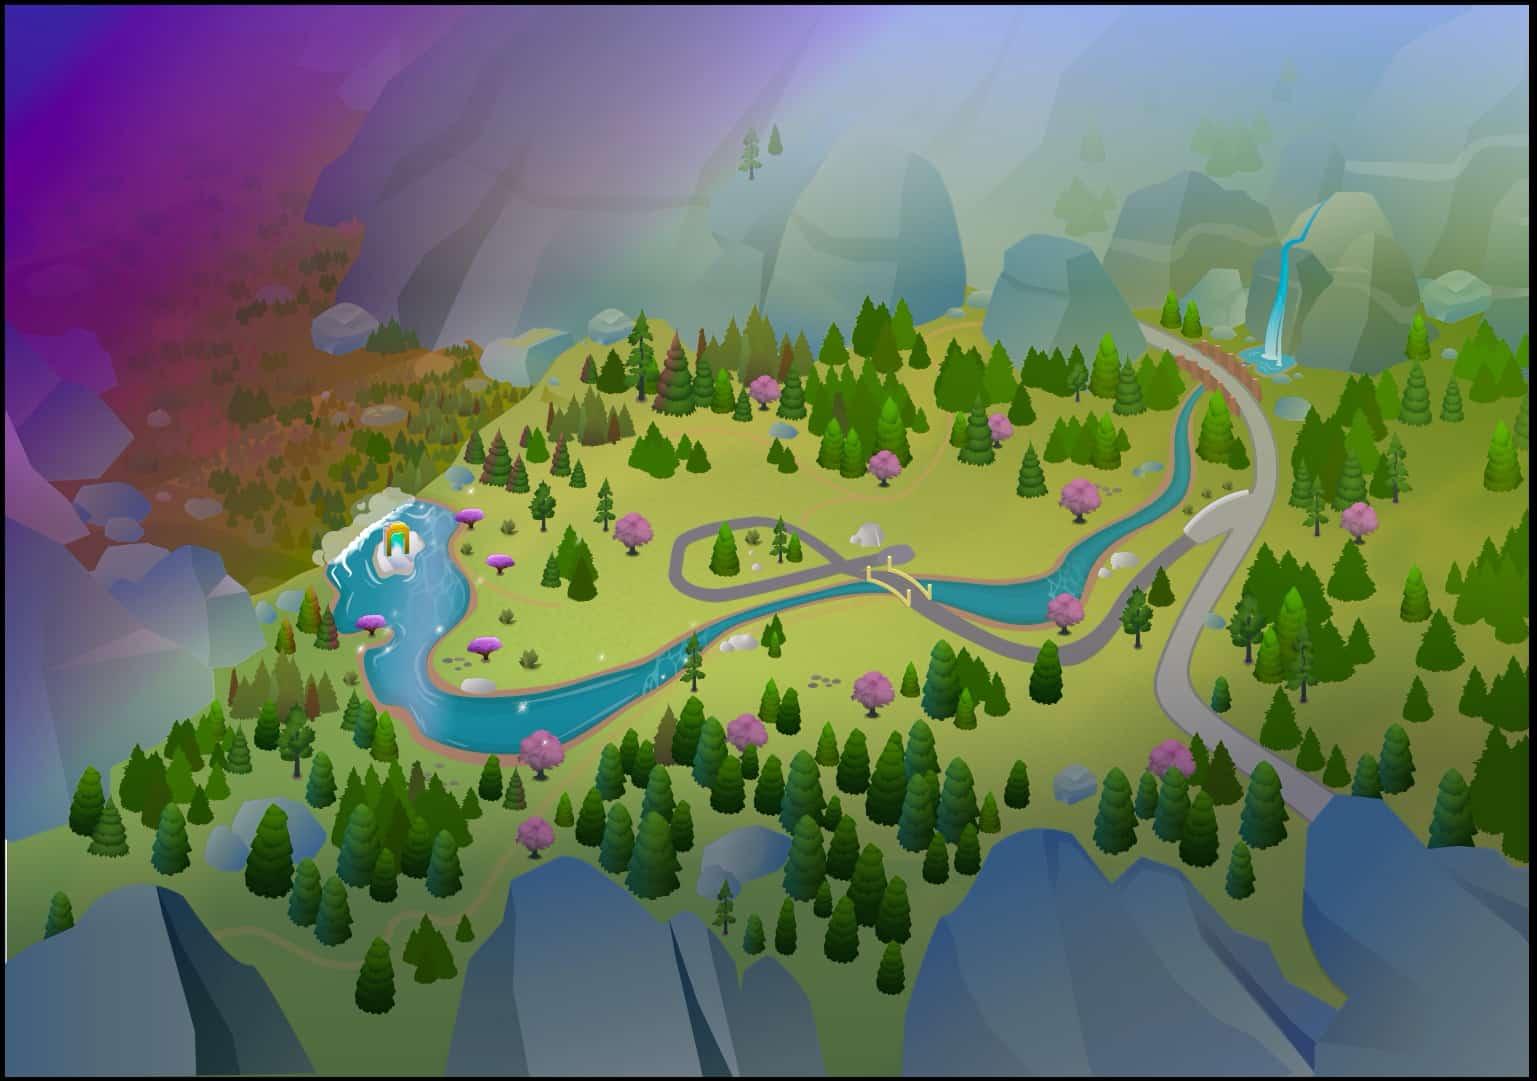 Sims 4 reich der magie release